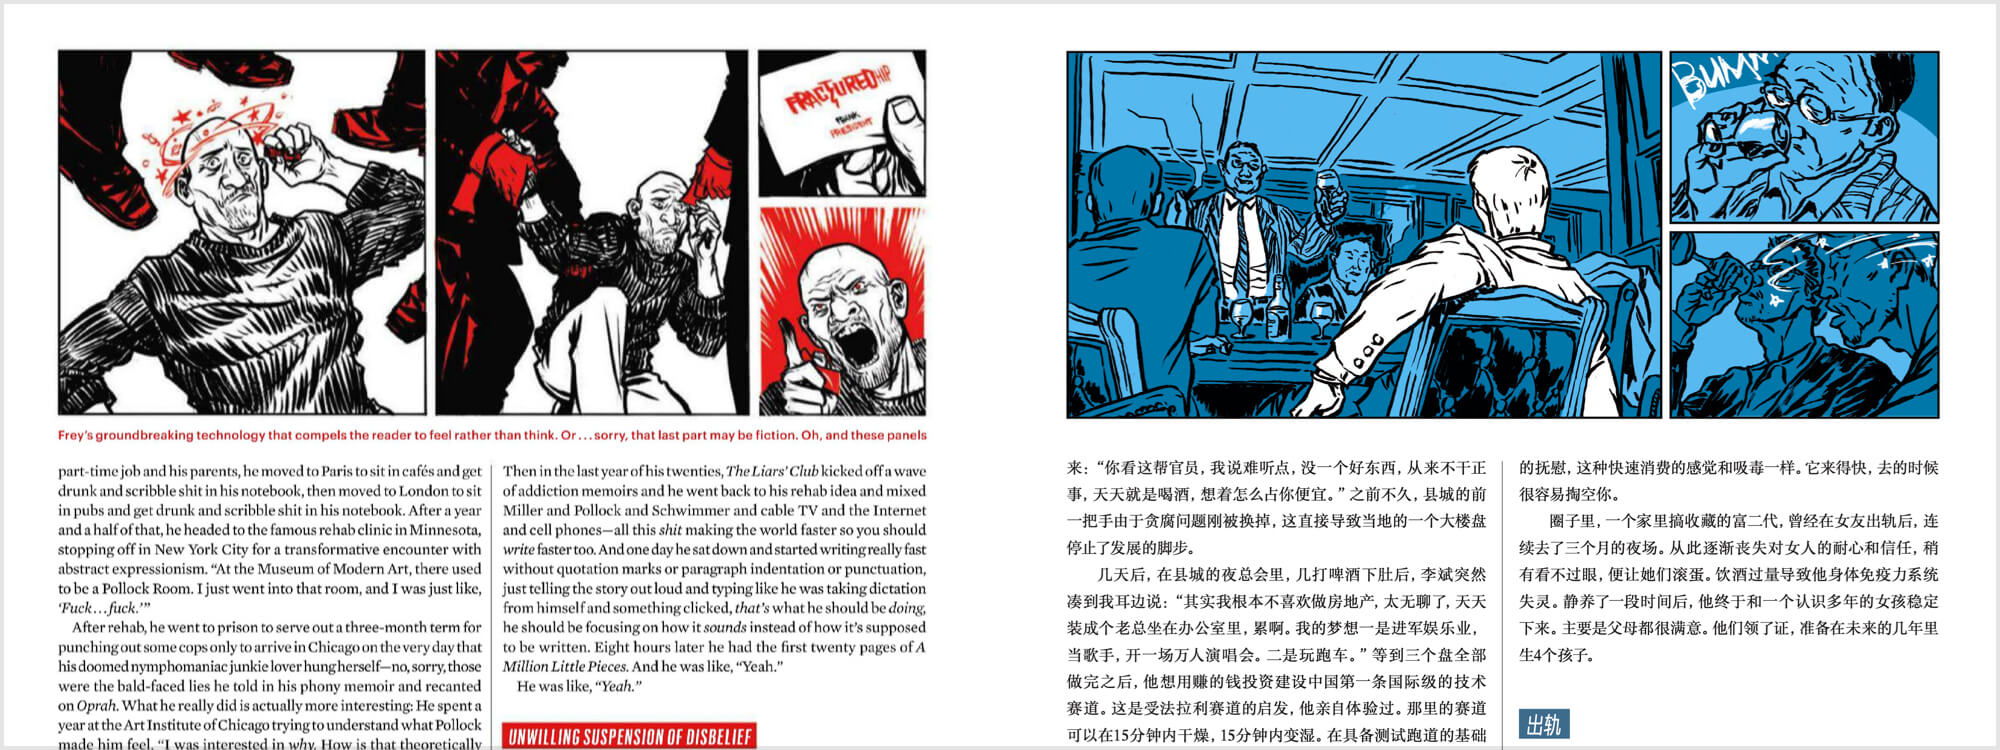 杂志图像01备份 24